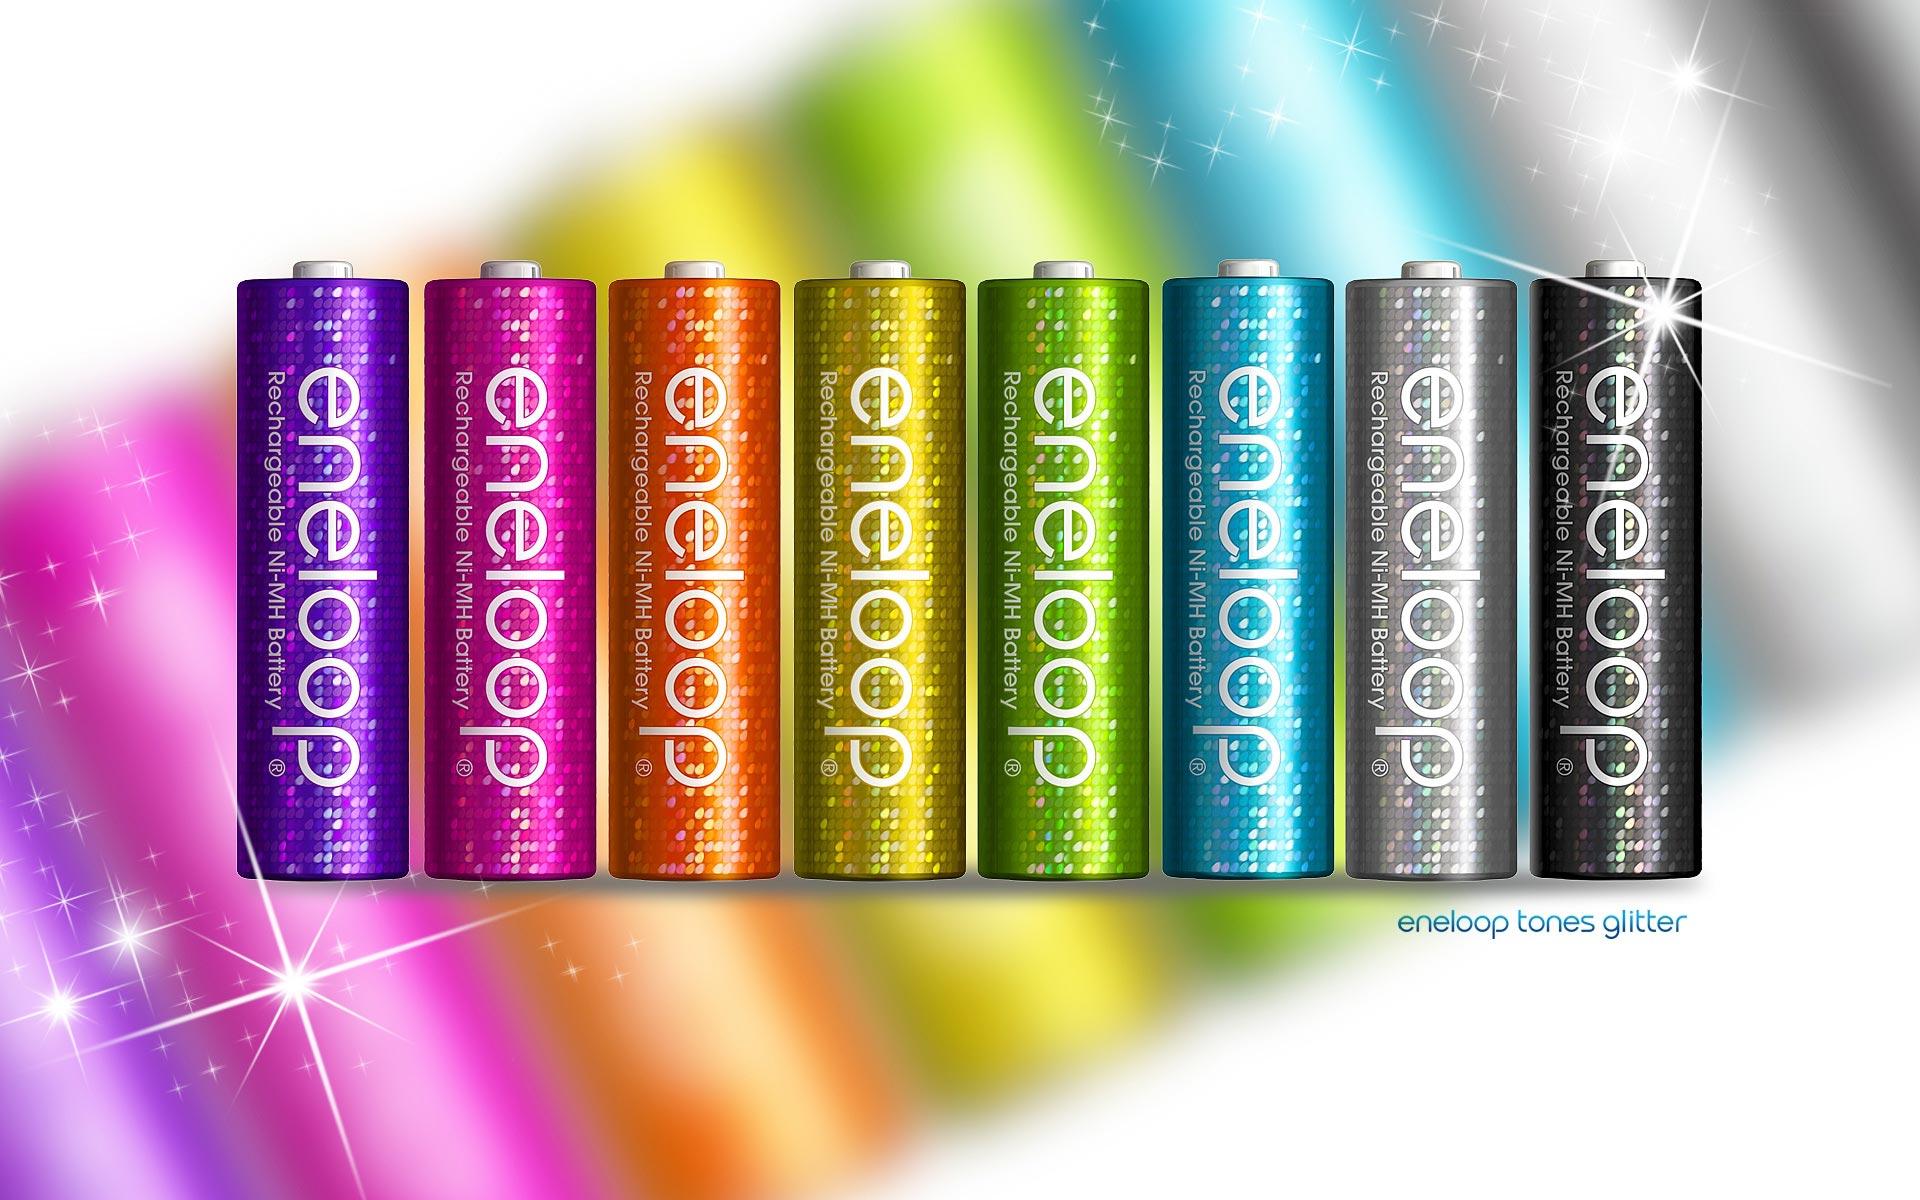 eneloop_tones_glitter-1920x1200.jpg